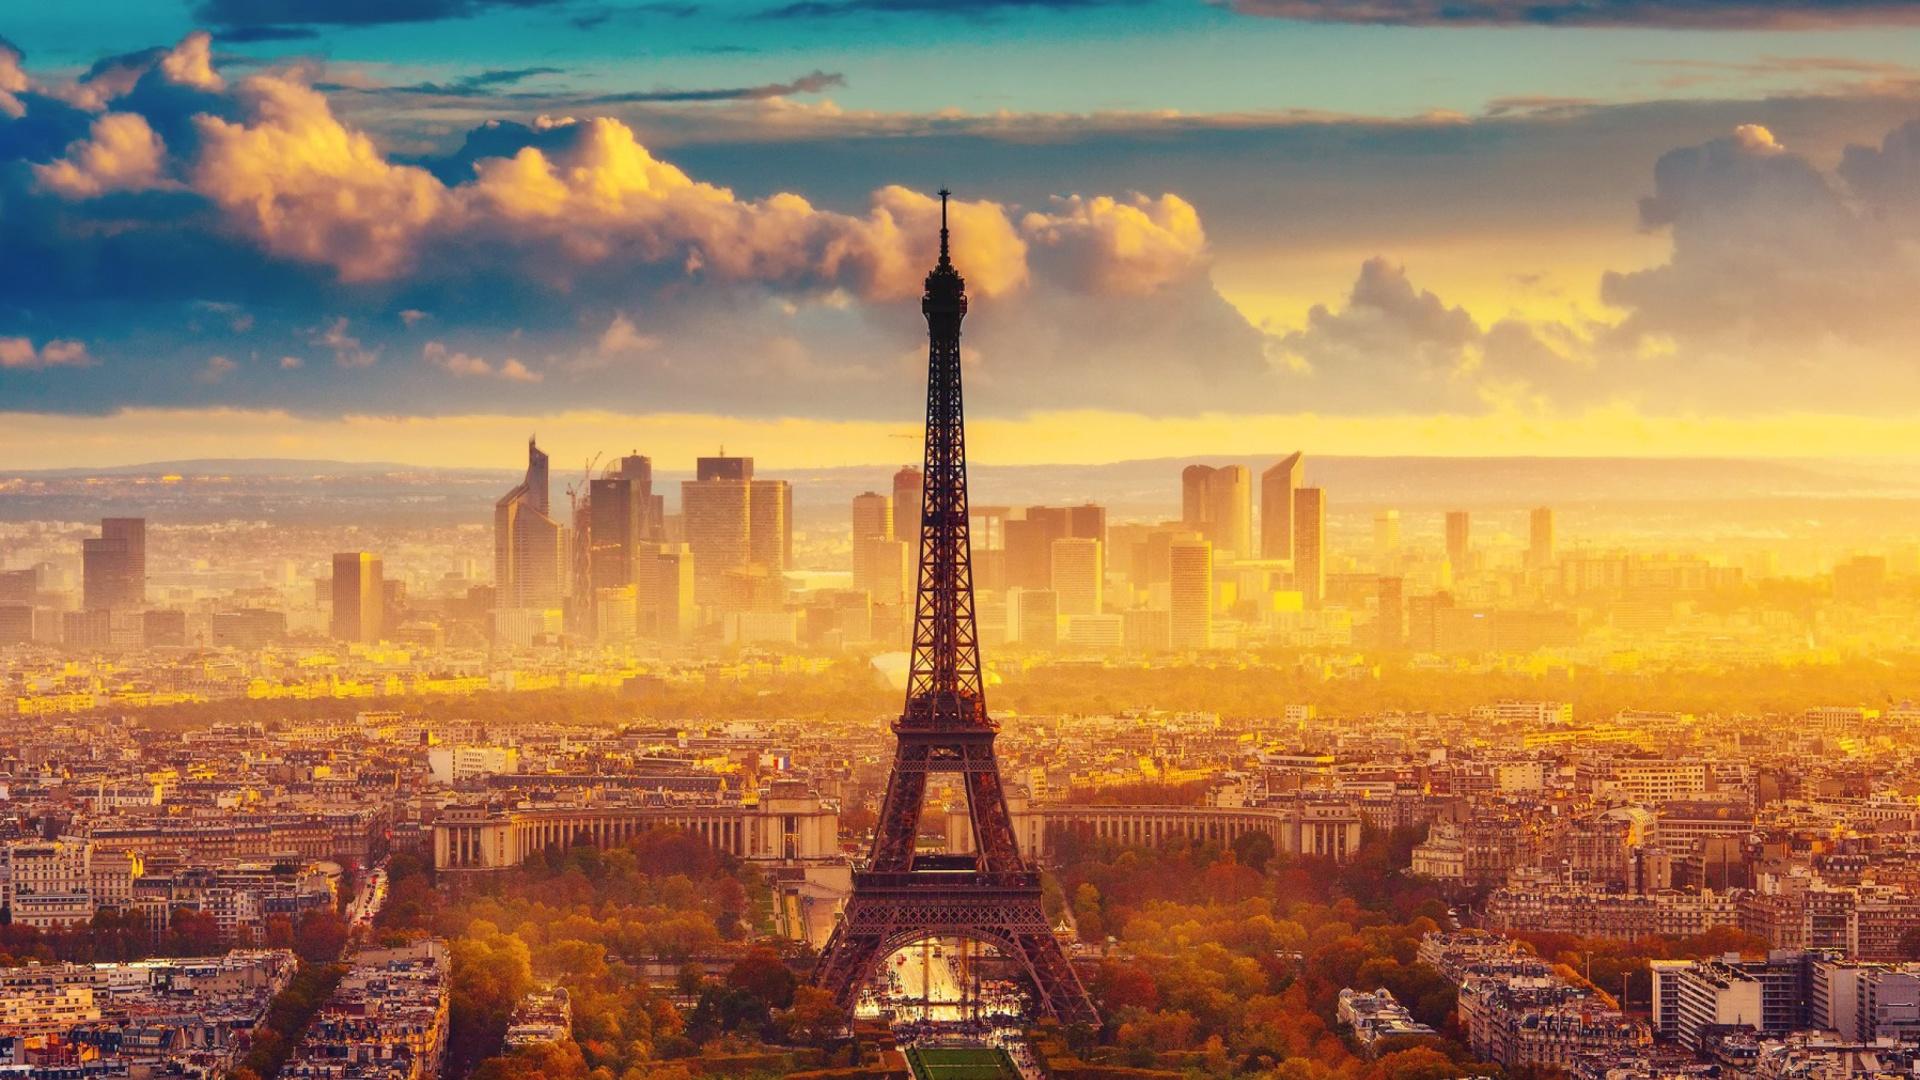 Paris Skyscrapers in La Defense - Fondos de pantalla gratis para ...